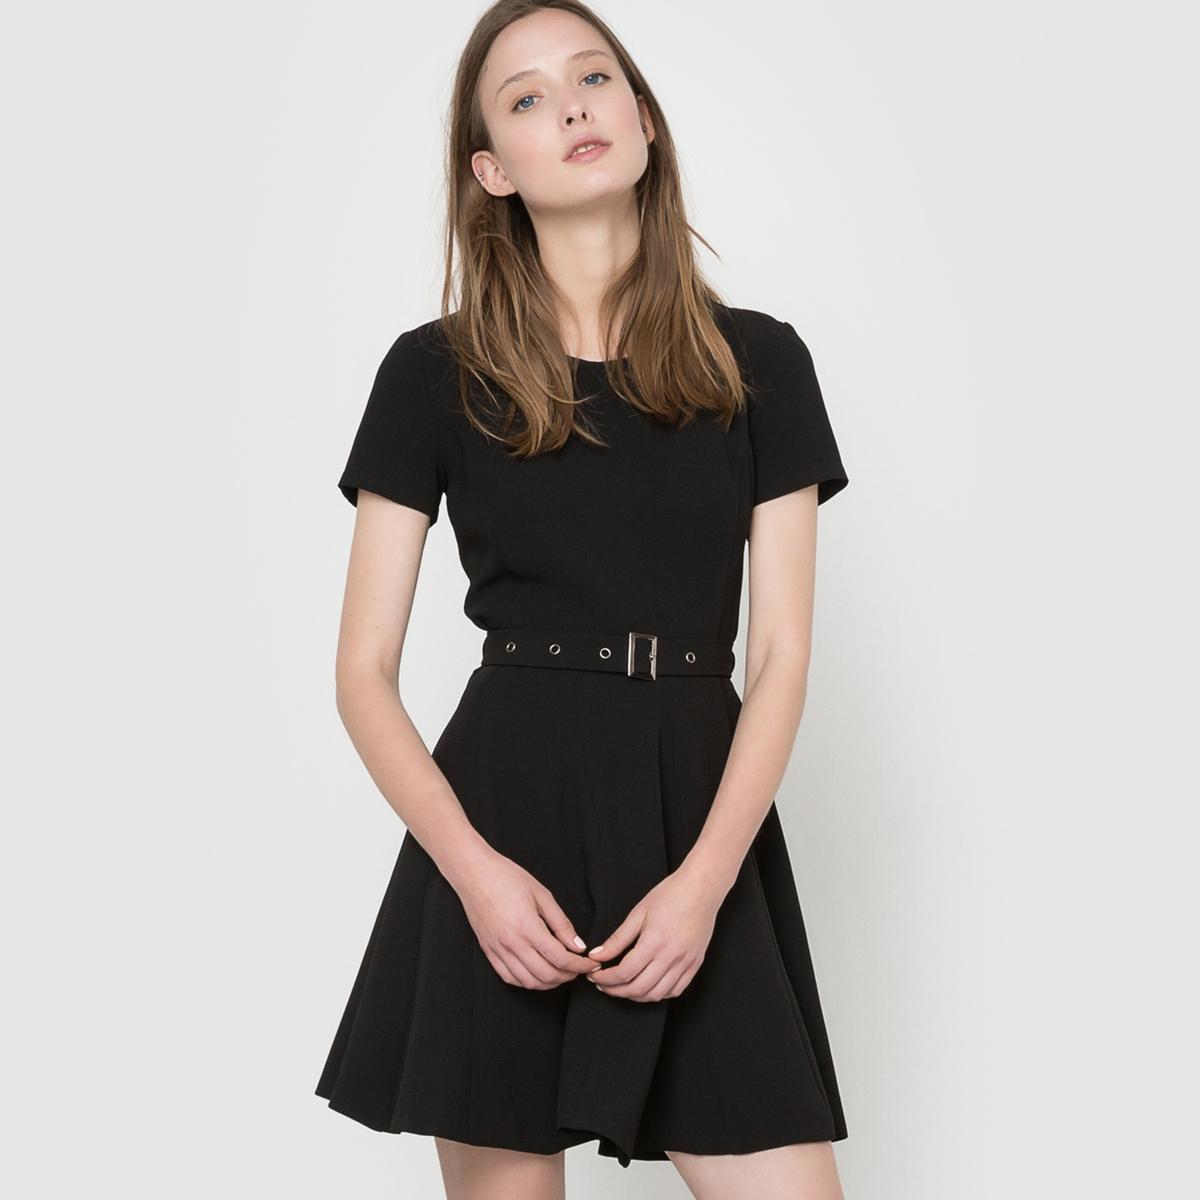 Платье с короткими рукавами, MOLLY BRACKENСостав и описаниеМатериал: 100% полиэстера.Длина: 83см.Марка: MOLLY BRACKEN.<br><br>Цвет: черный<br>Размер: L.M